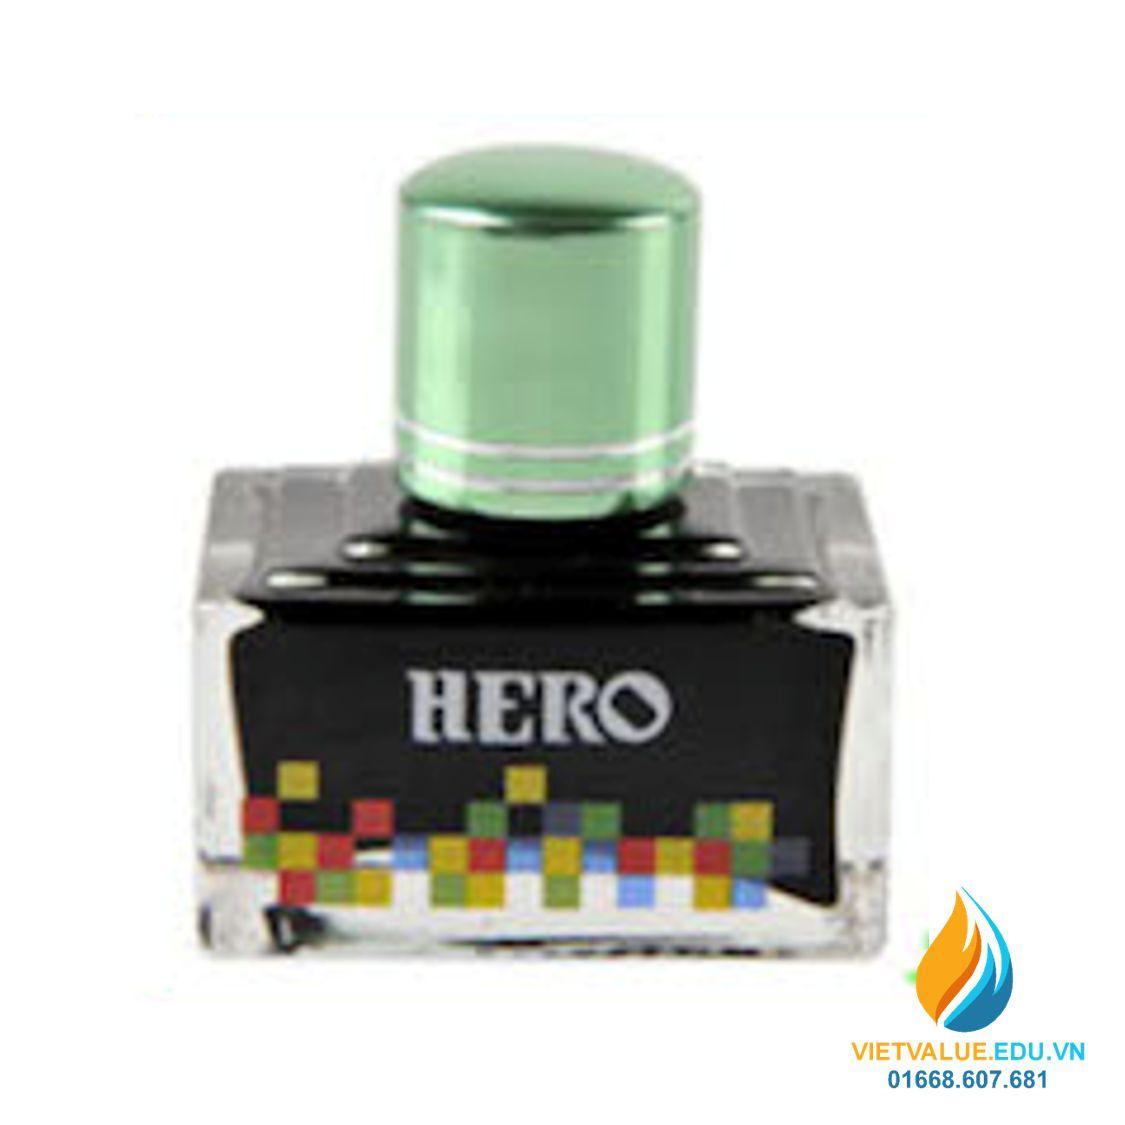 Mua Mực Hero thường cho bút máy, 40ml, màu xanh lá non mã 7108